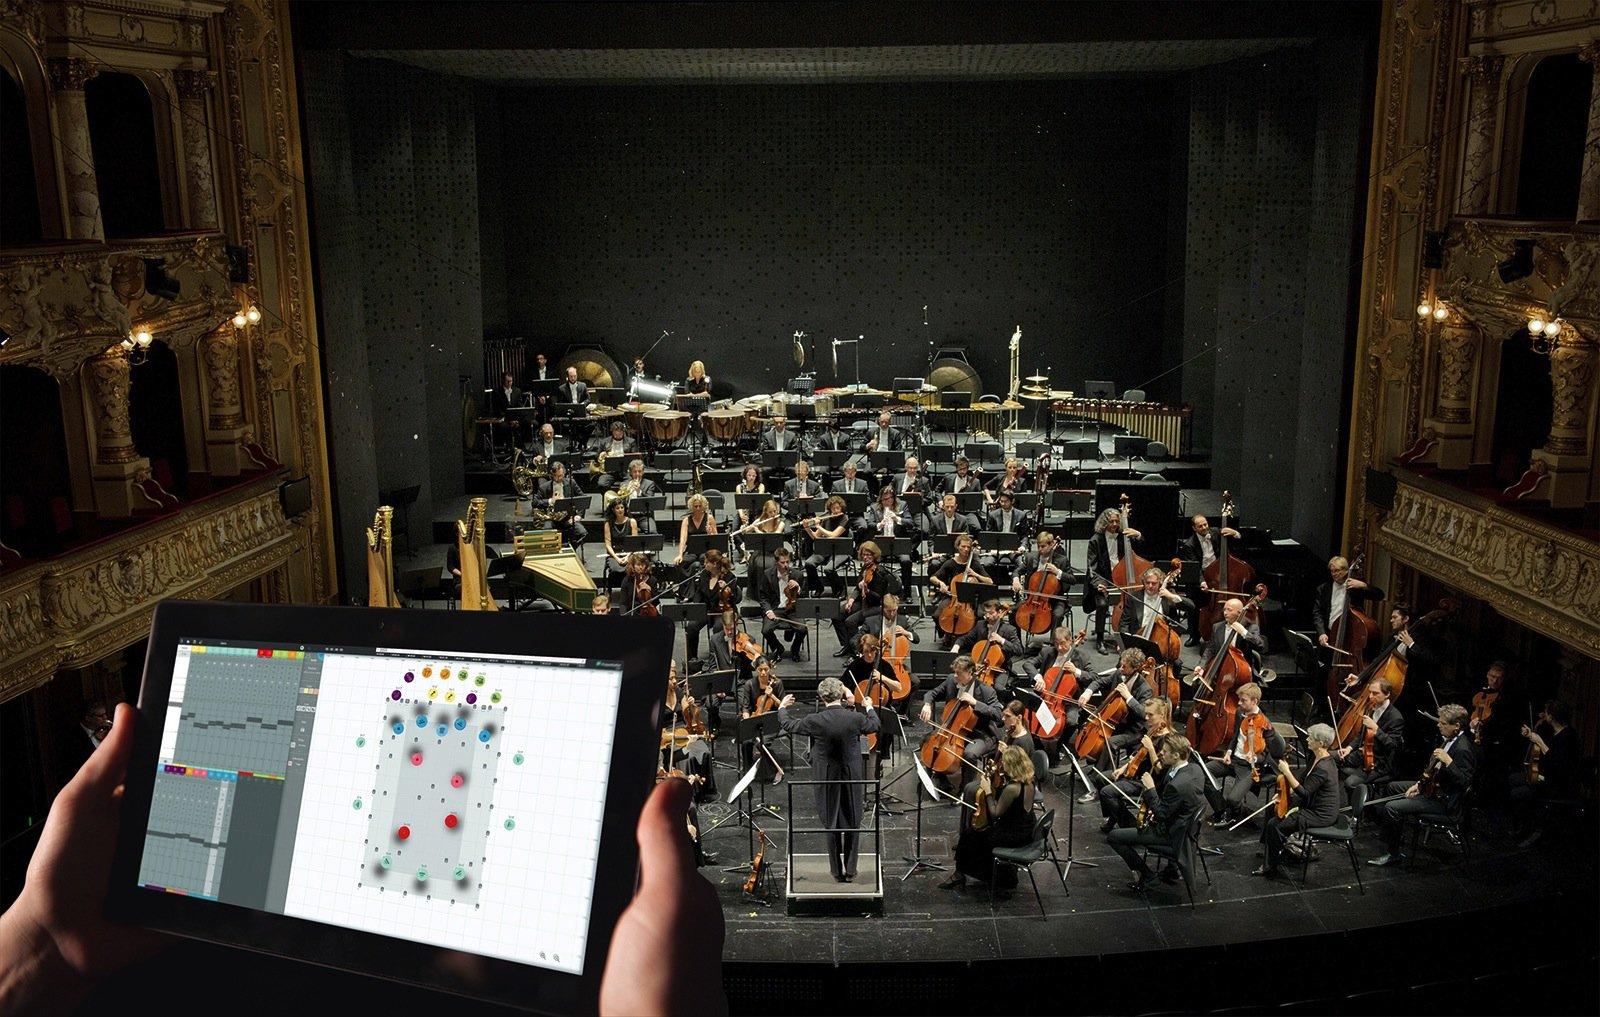 Im Opernhaus Zürich nutzen die Tontechniker die Software SpatialSound Wave, um Soundeffekte und räumliche Akustik live einzuspielen.Klänge lassen sich damit einfach am Tablet im Raum positionieren.